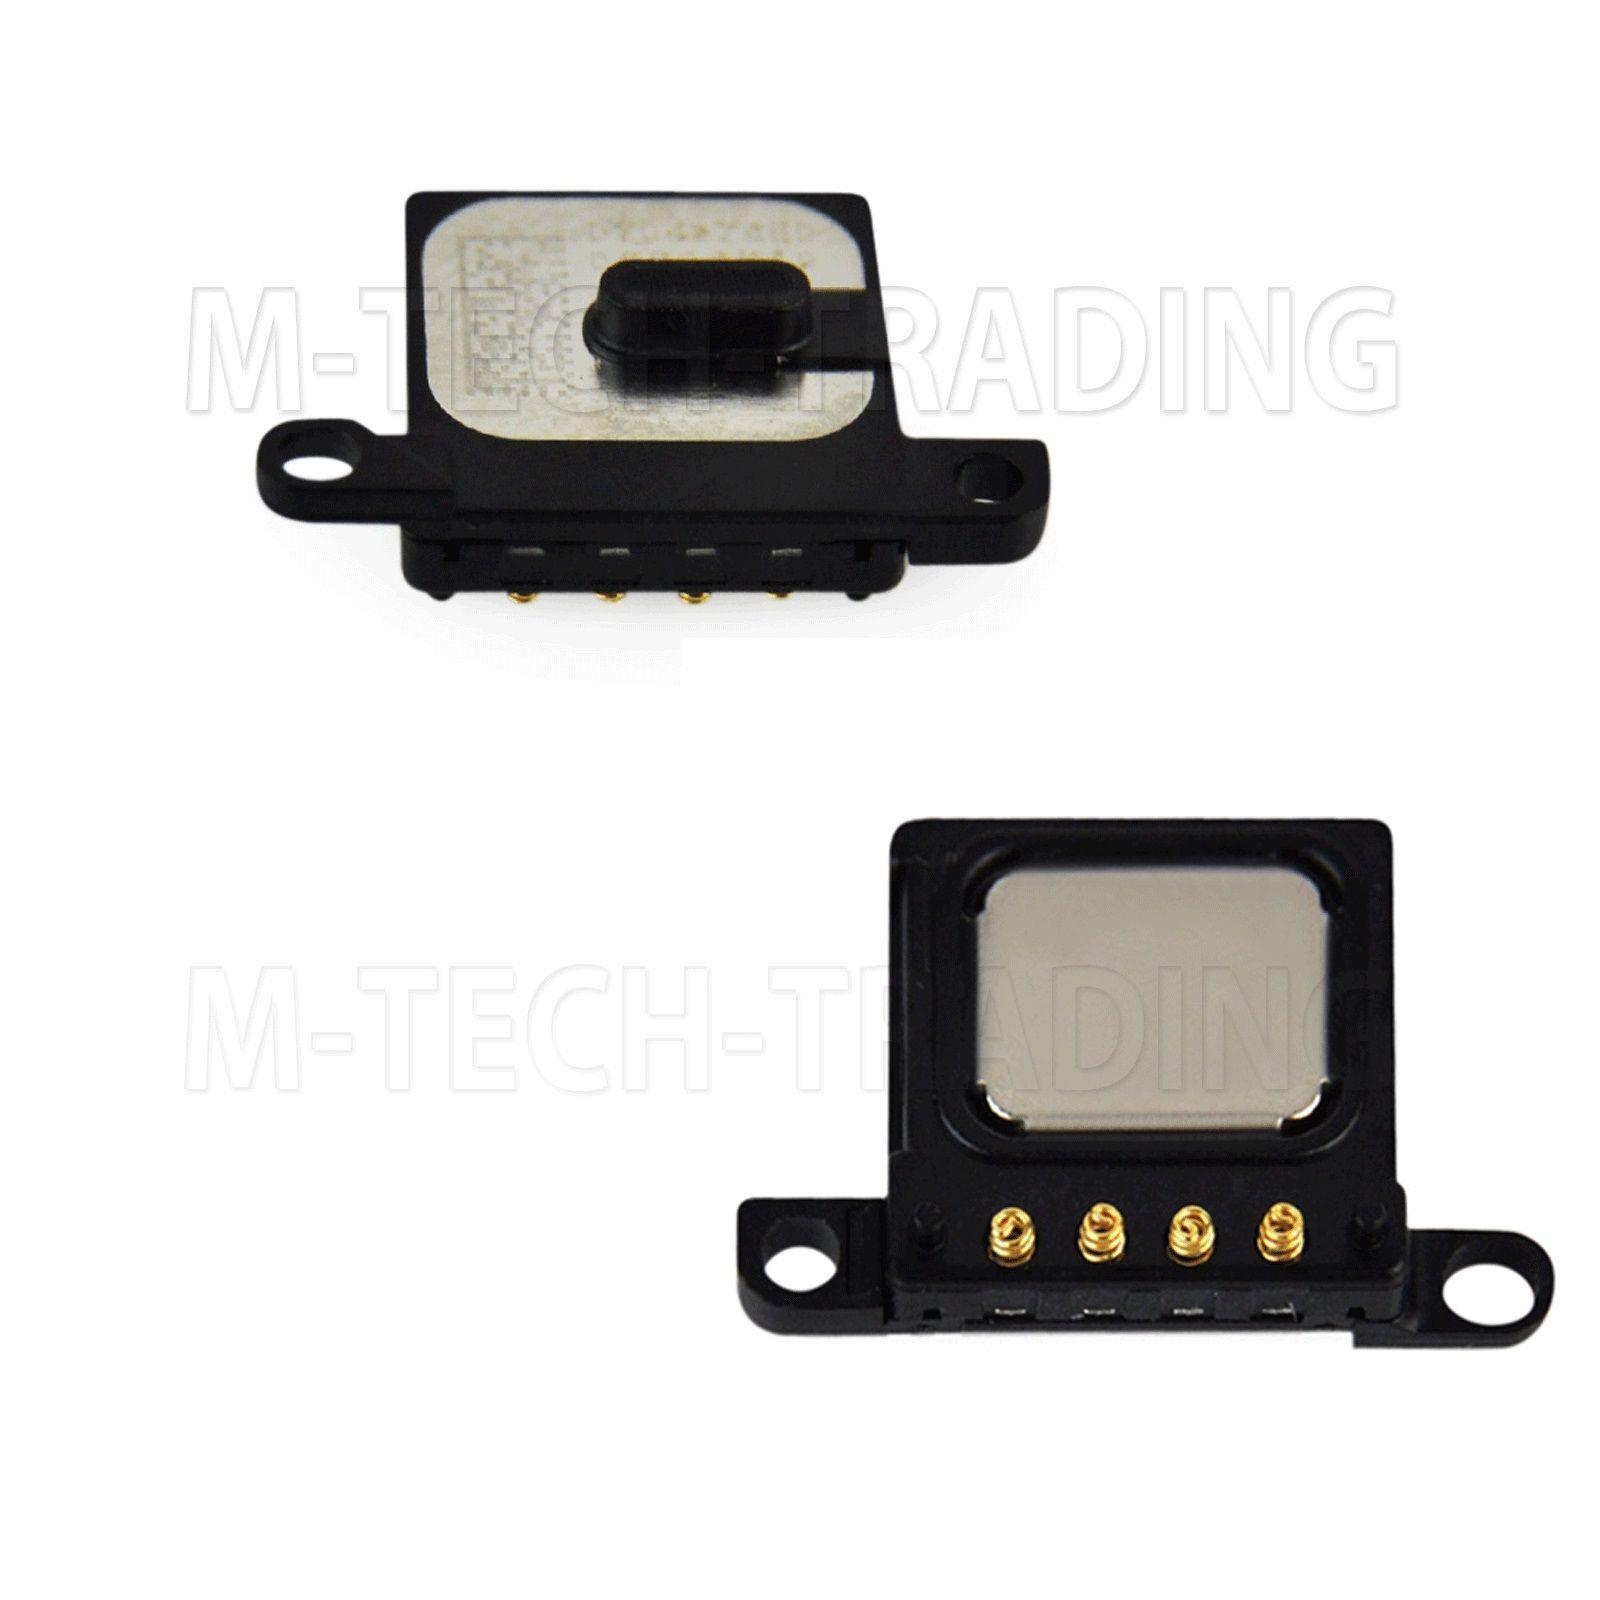 DISPLAY LCD FULL PARTI DI RIPARAZIONE HOME BUTTON CAMERA DIFFUSORI SCHERMI DI RIPARAZIONE SCHERMI IPHONE 6 6S PLUS 4.7 5.5